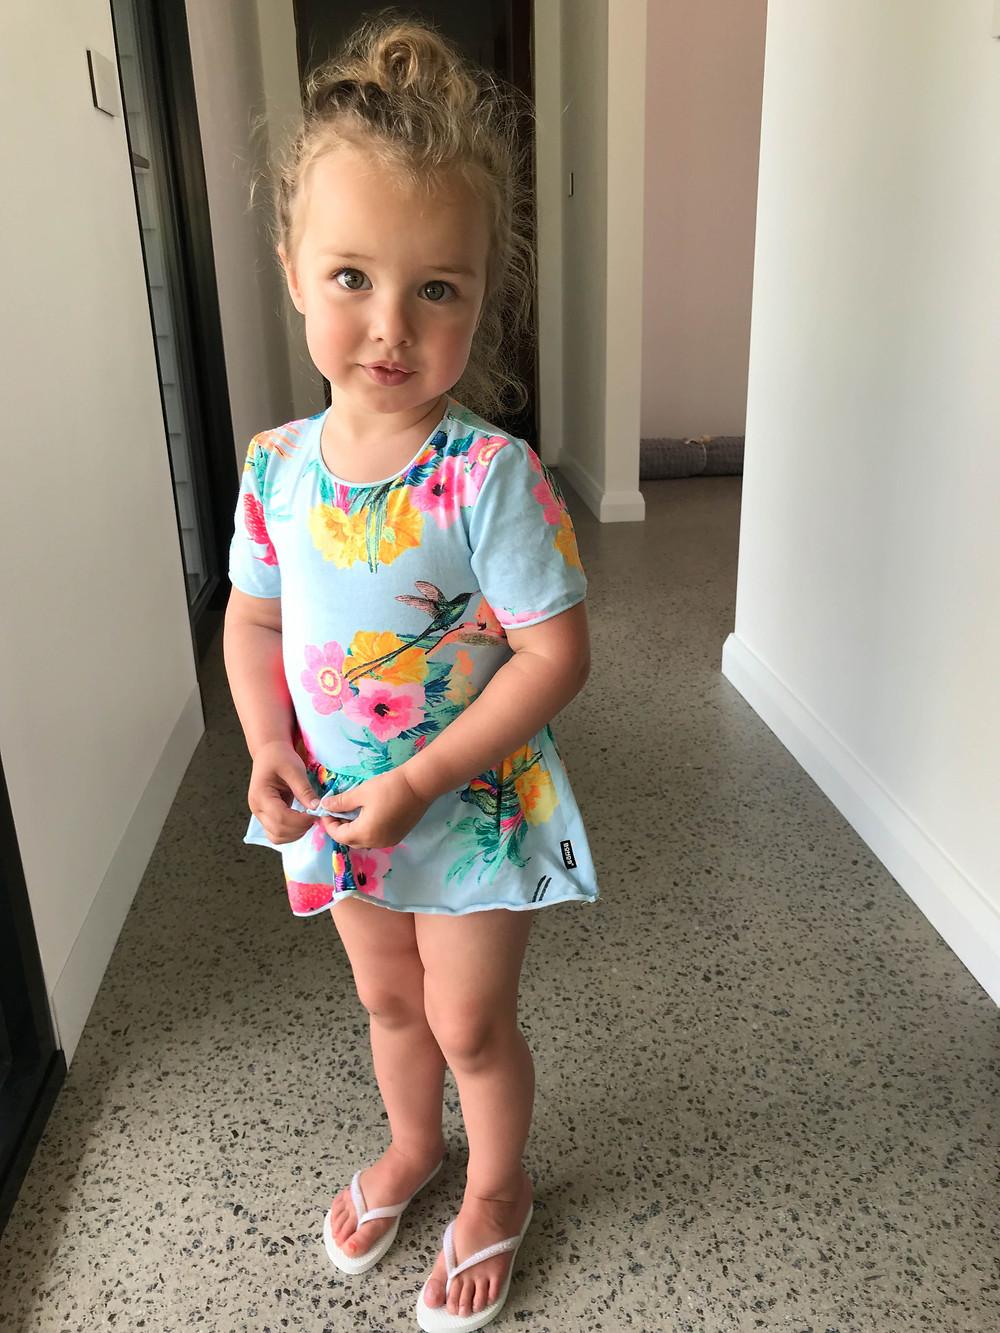 Sarah's daughter Maysie